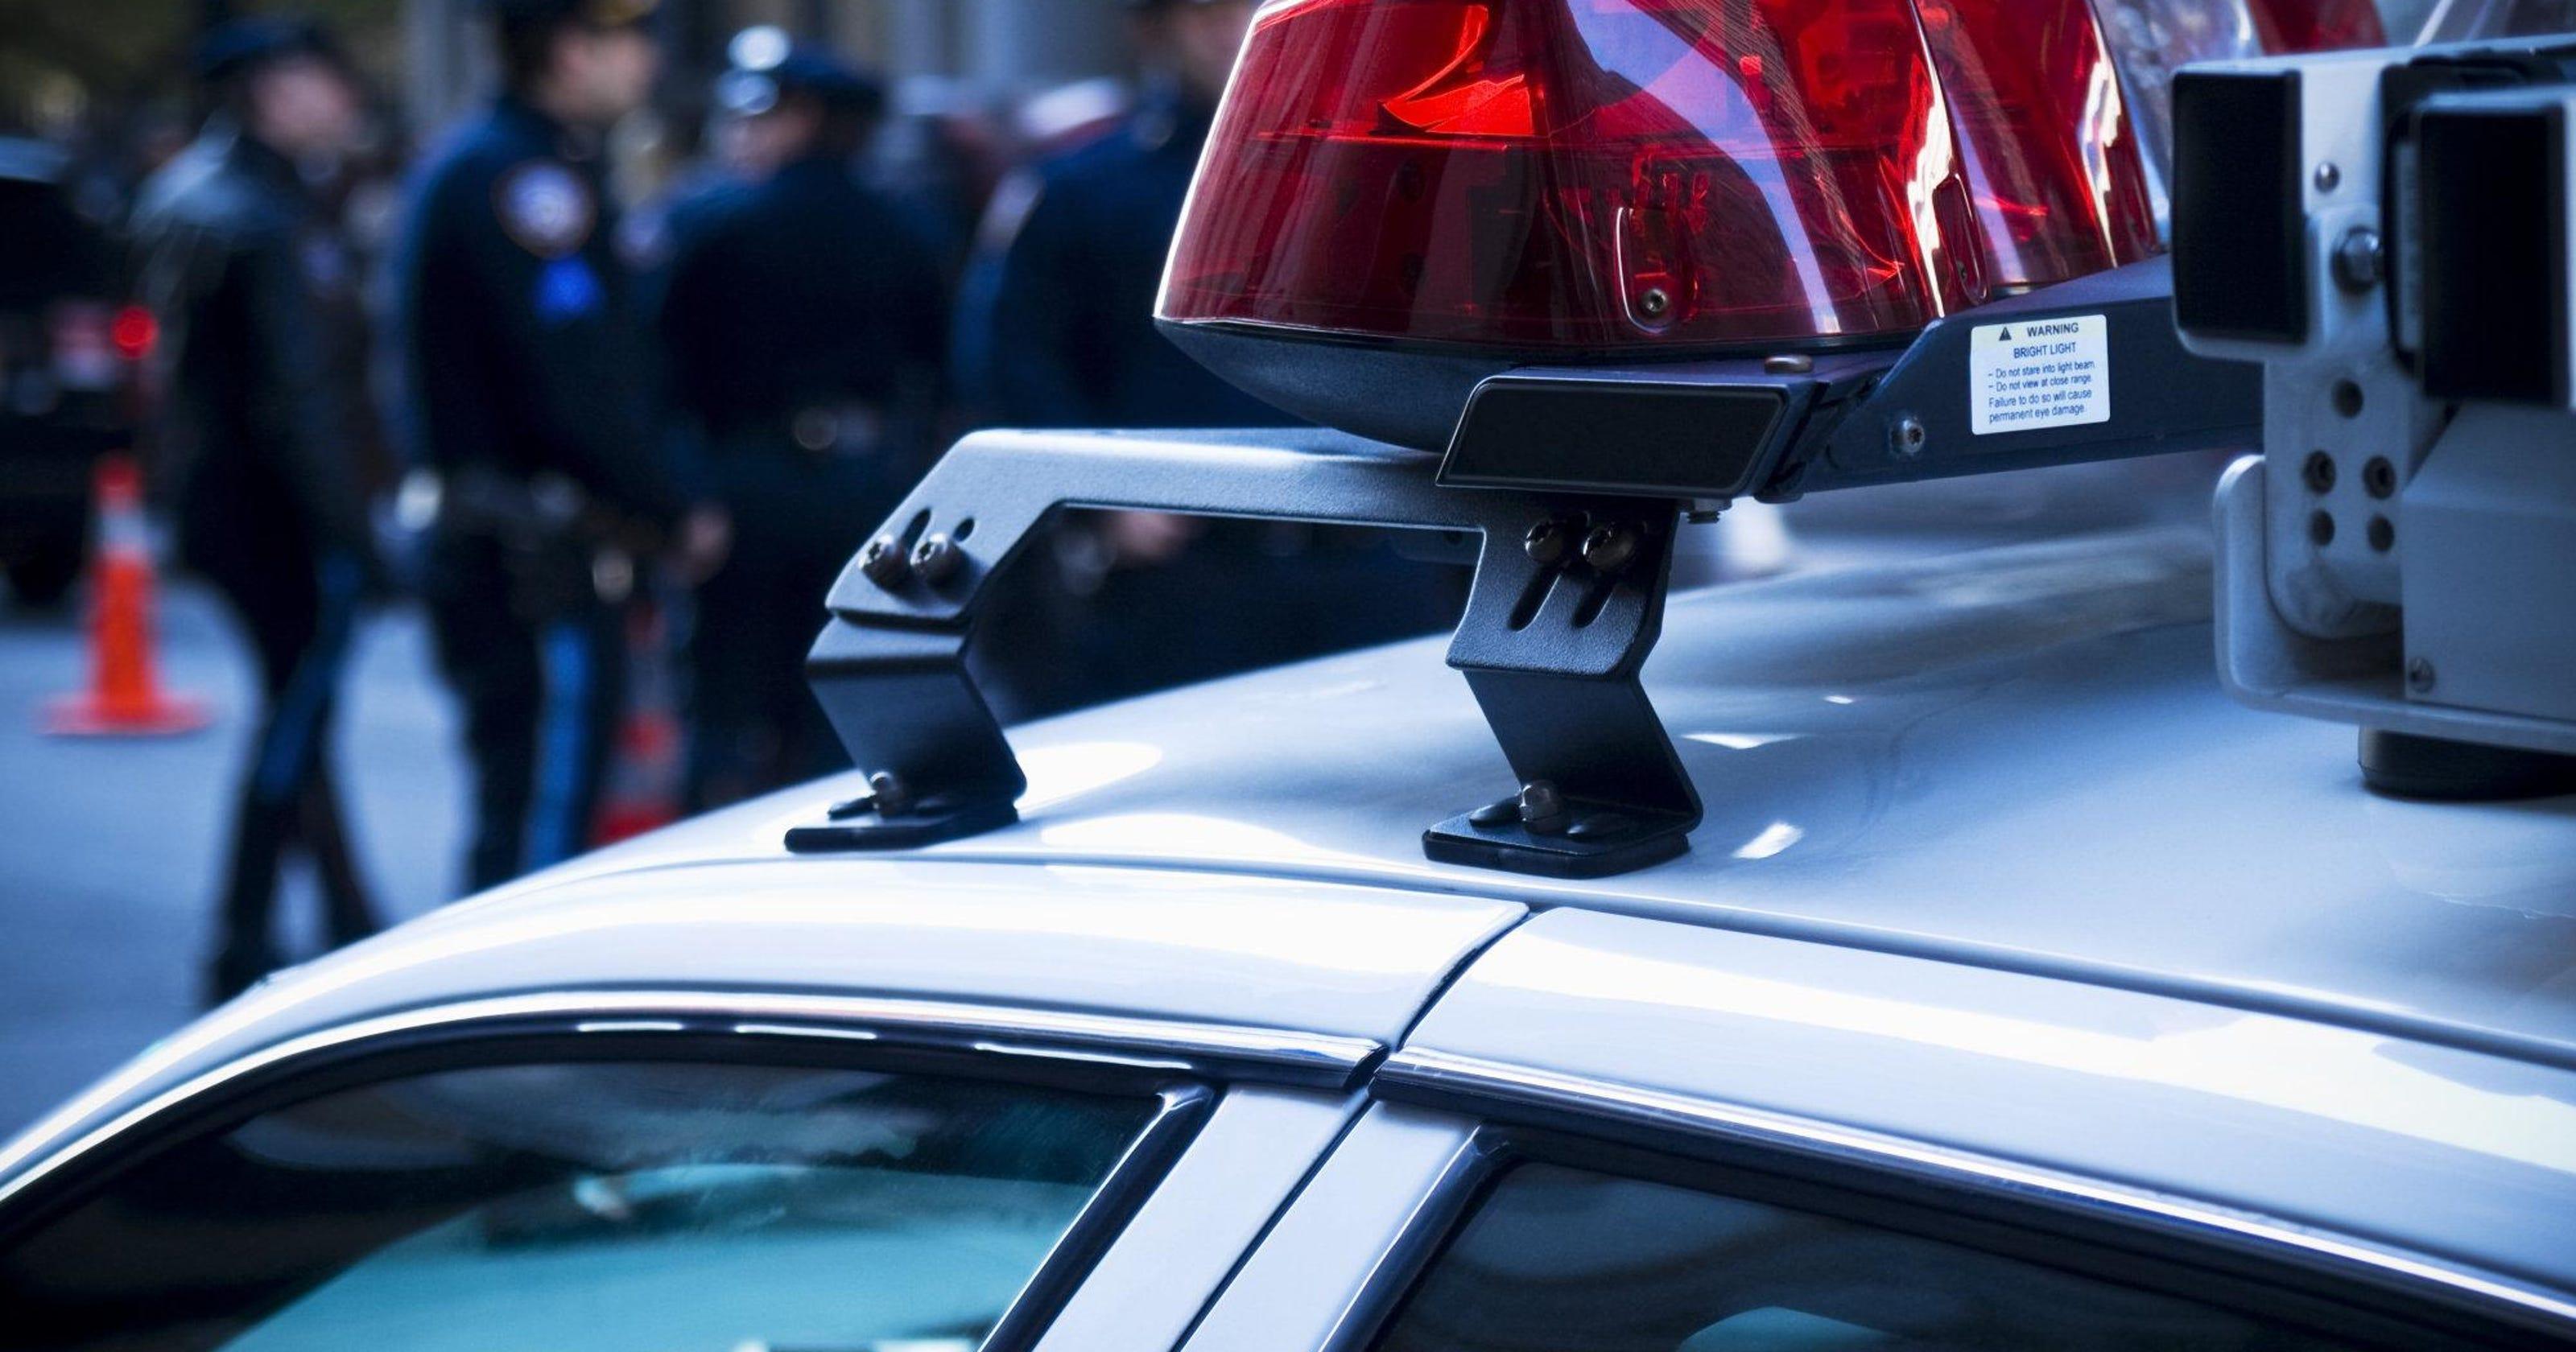 Police Blotter: No pants at ShopRite